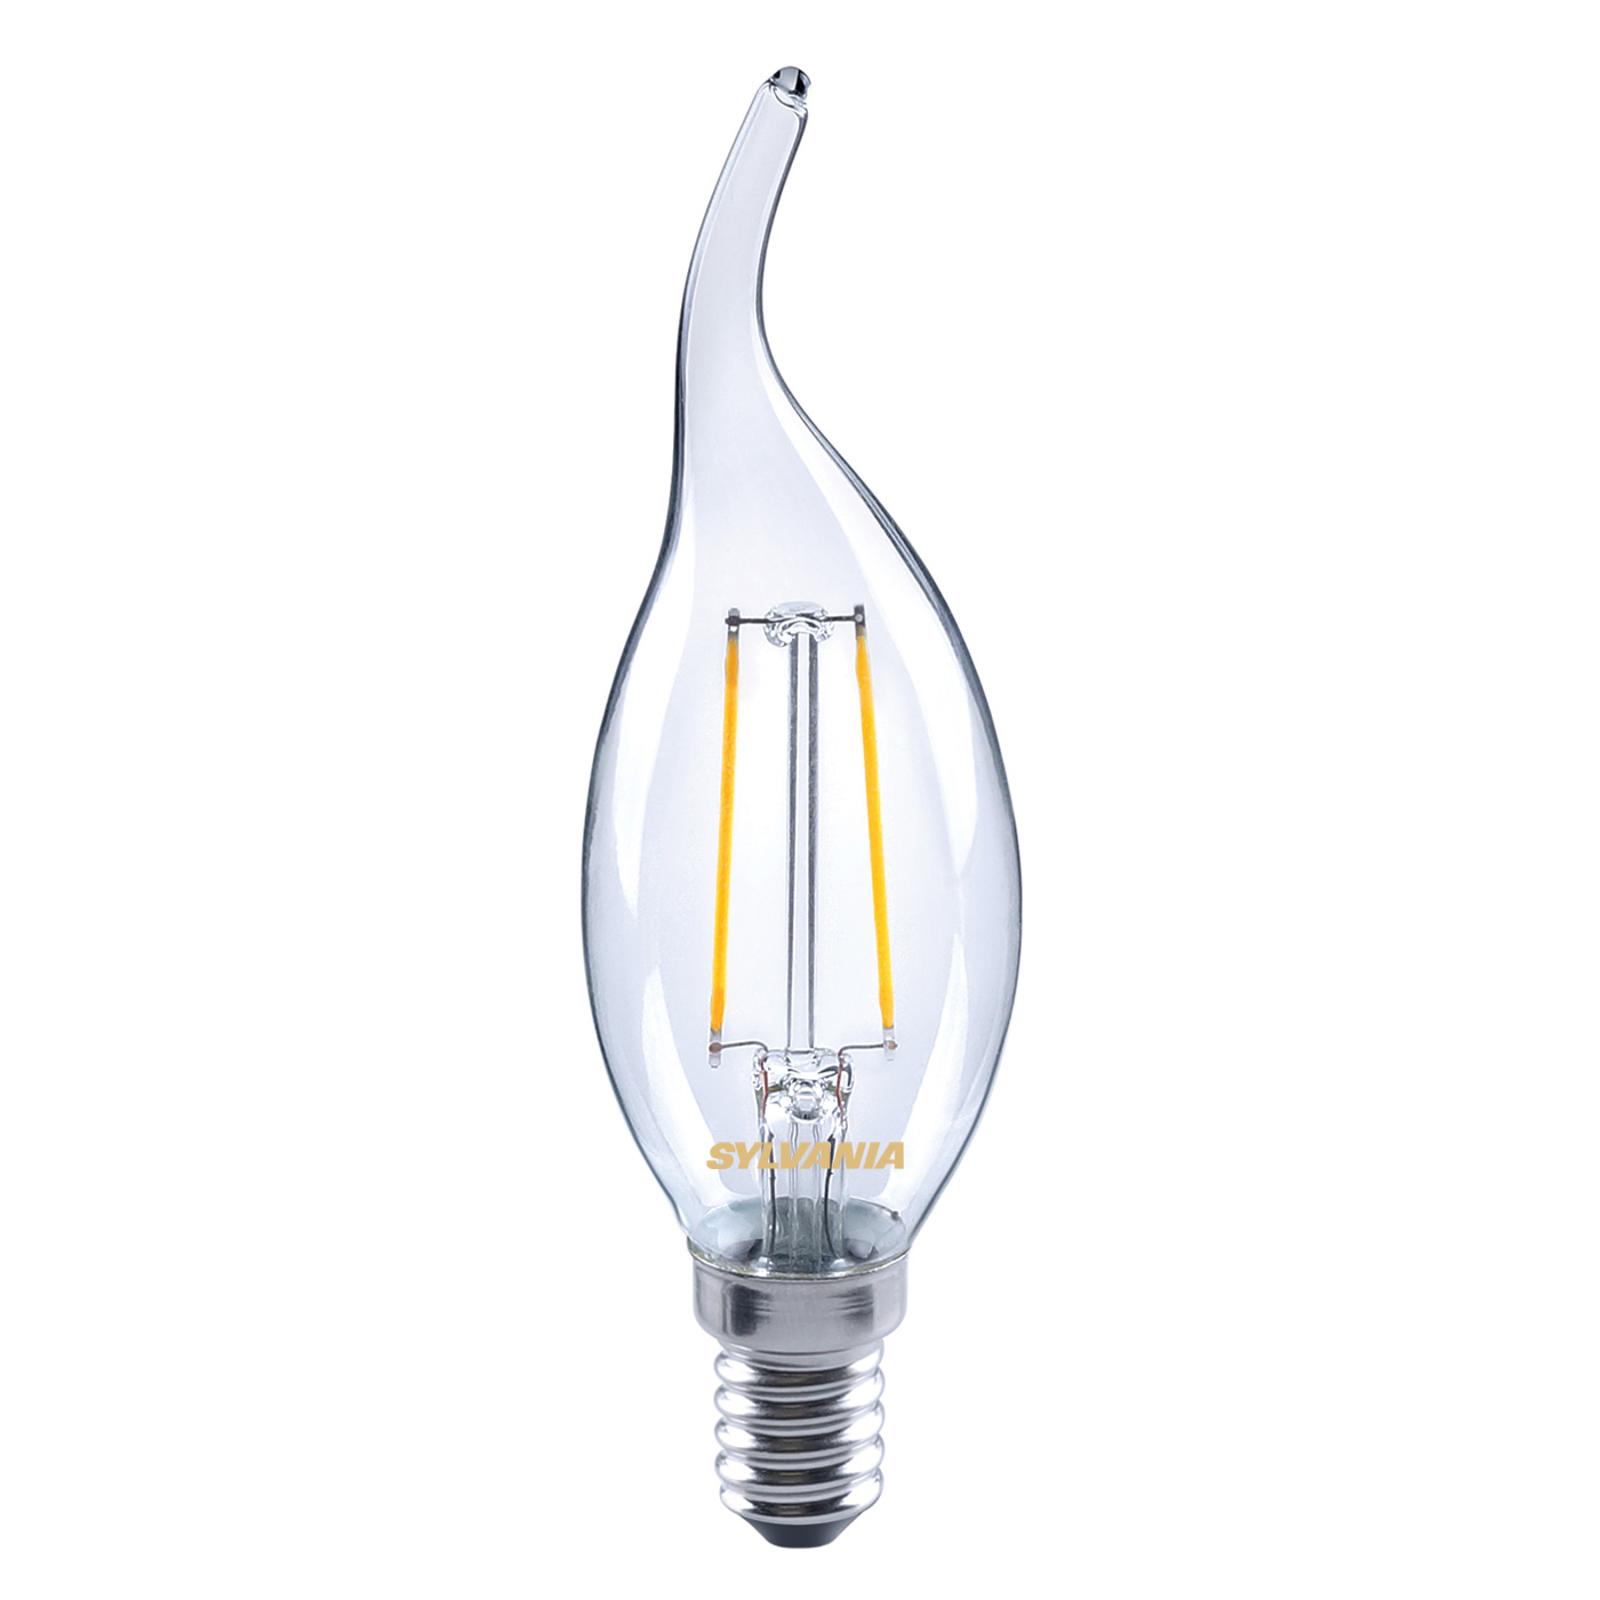 Żarówka świeca LED E14 ToLEDo 2,5W 827, podmuch